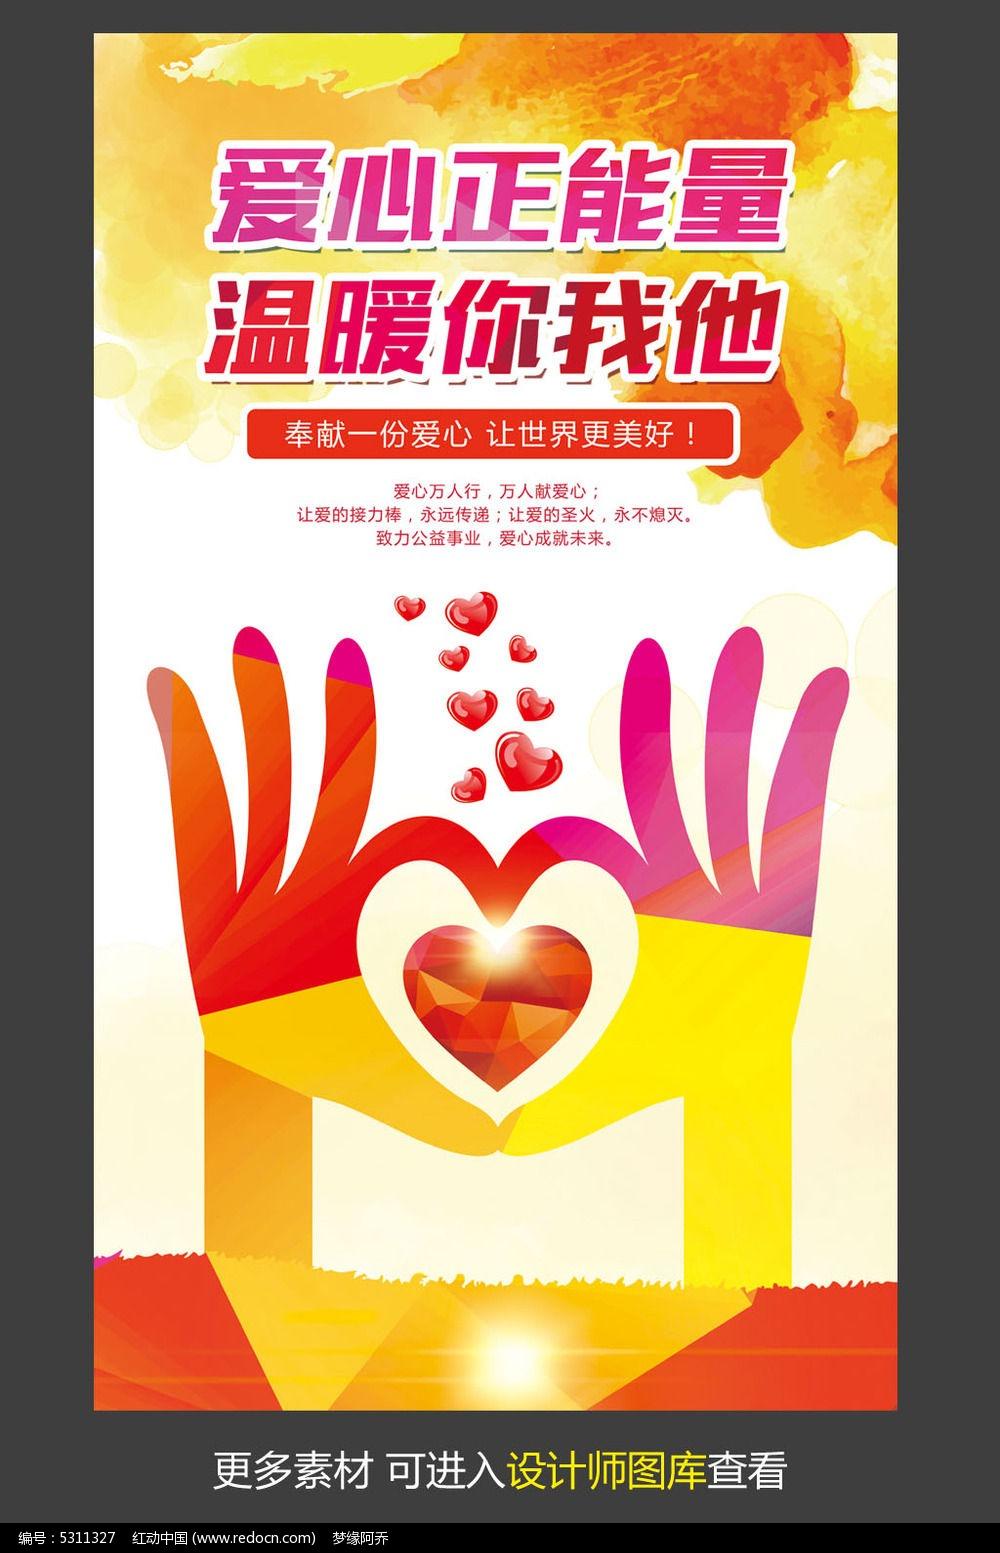 献爱心捐款活动手绘海报